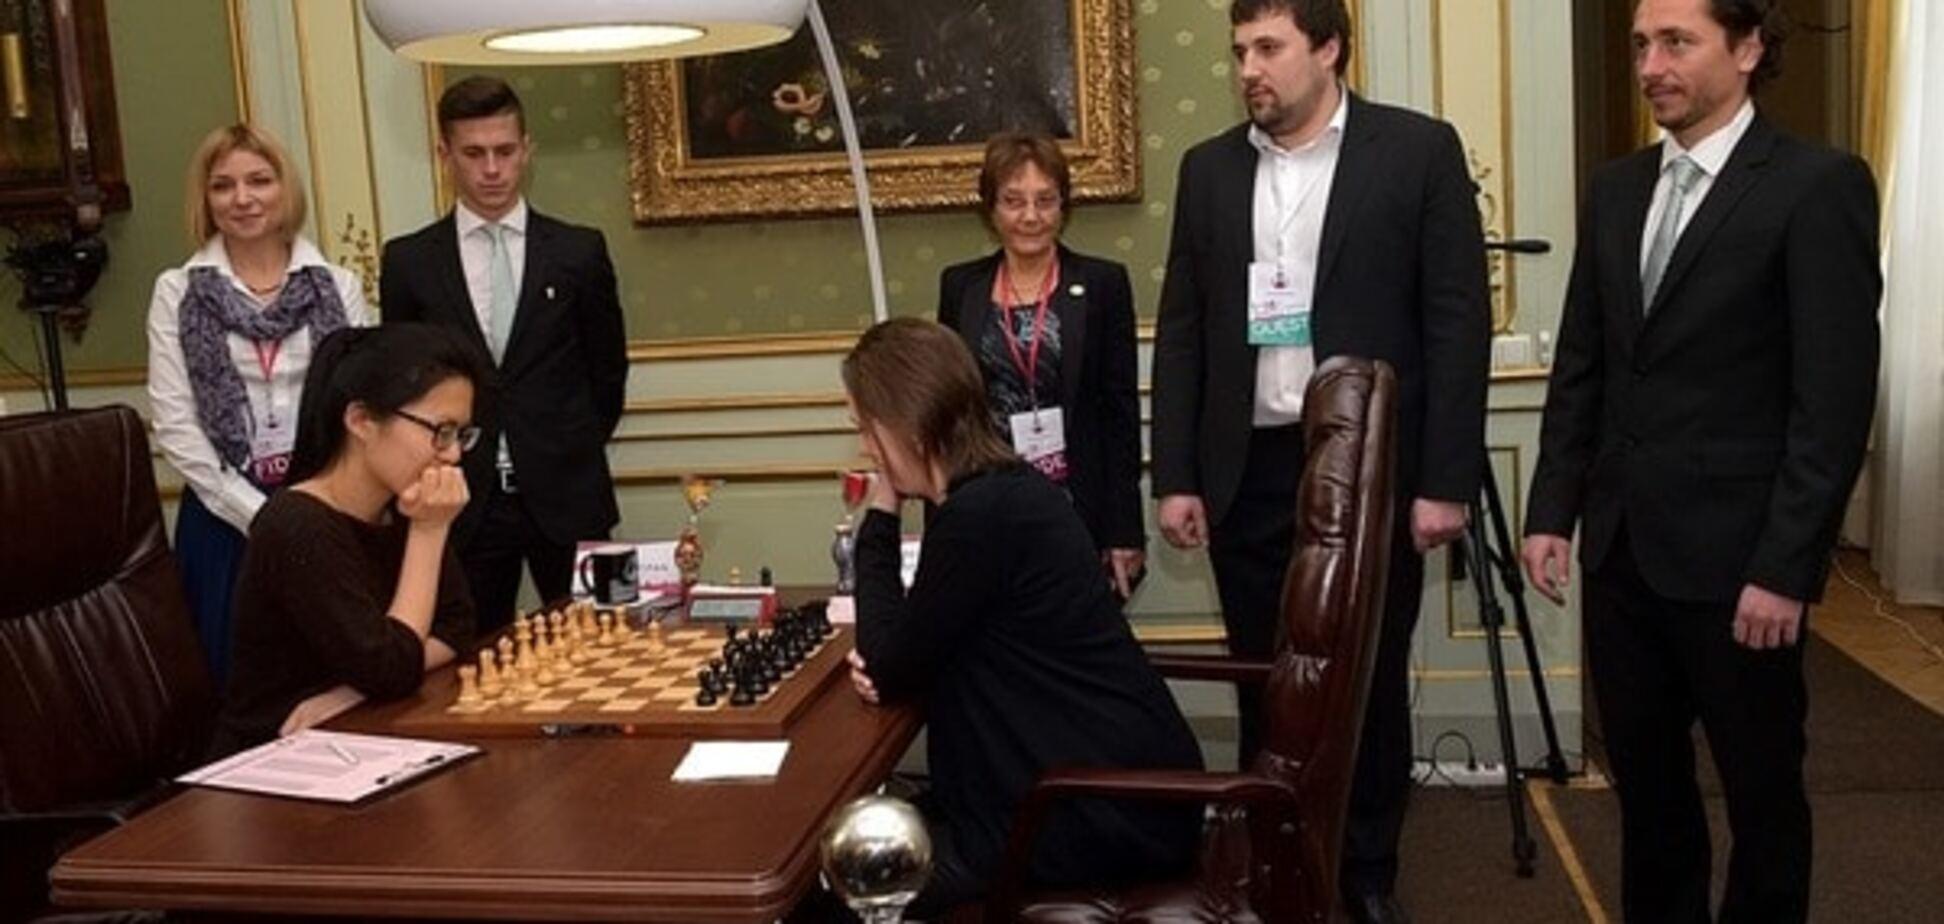 Украинка Музычук сыграла вничью пятую партию финала чемпионата мира по шахматам